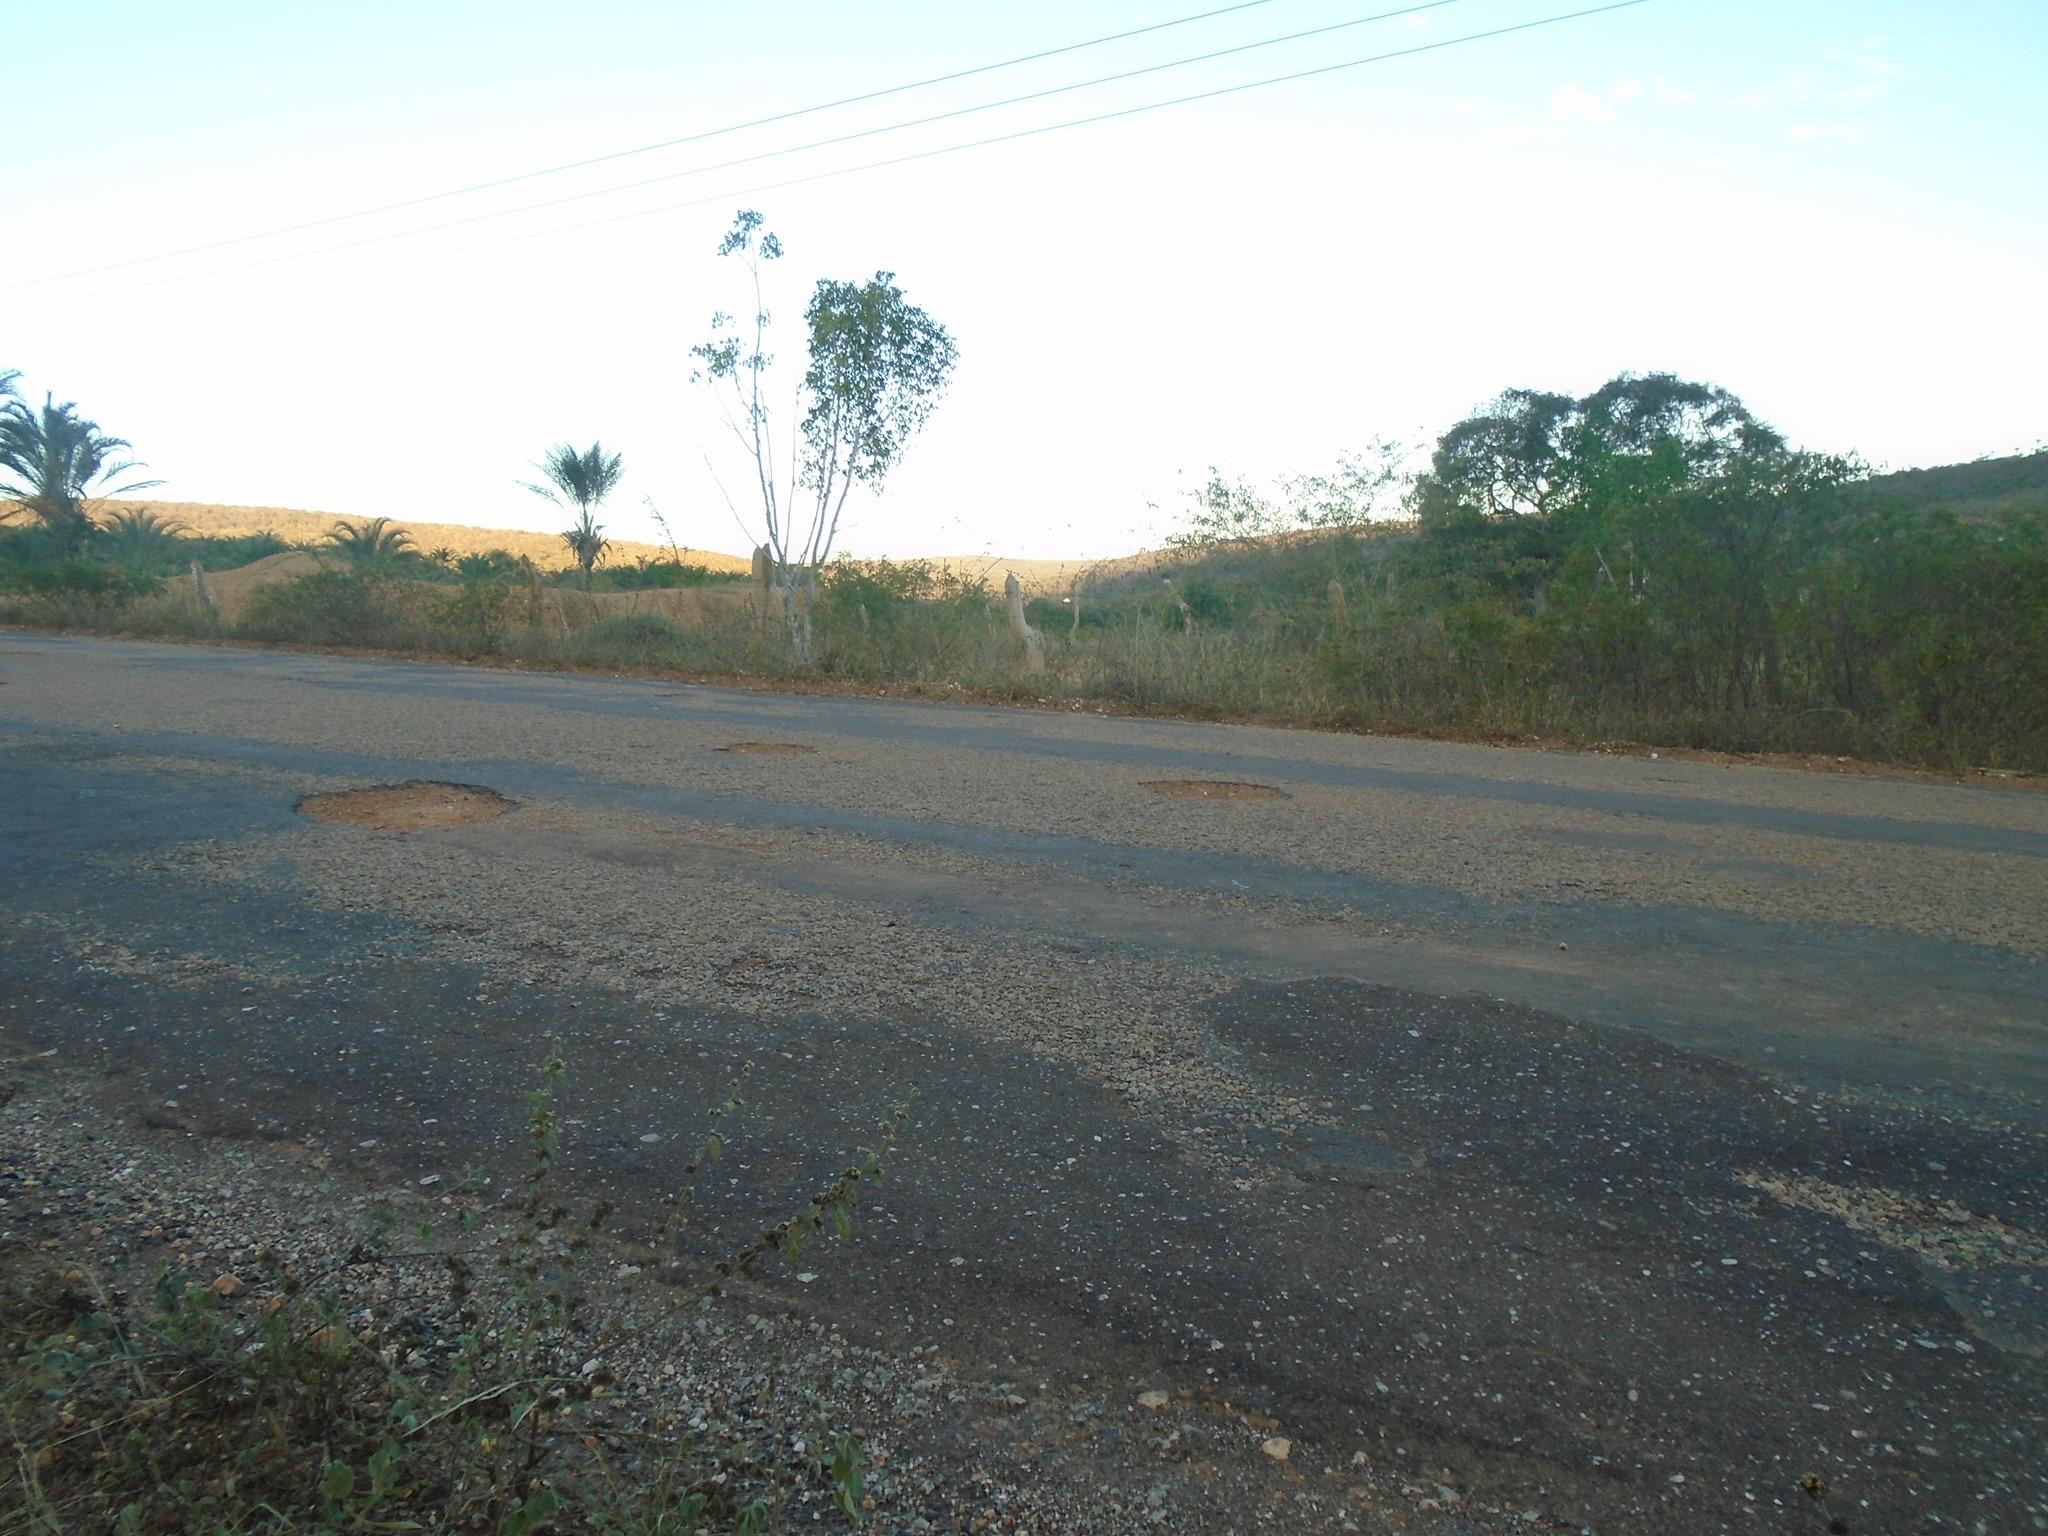 Fotos-uit-de-regio-van-Ibitiara-en-Seabra-aan-de-grote-BR-242-84